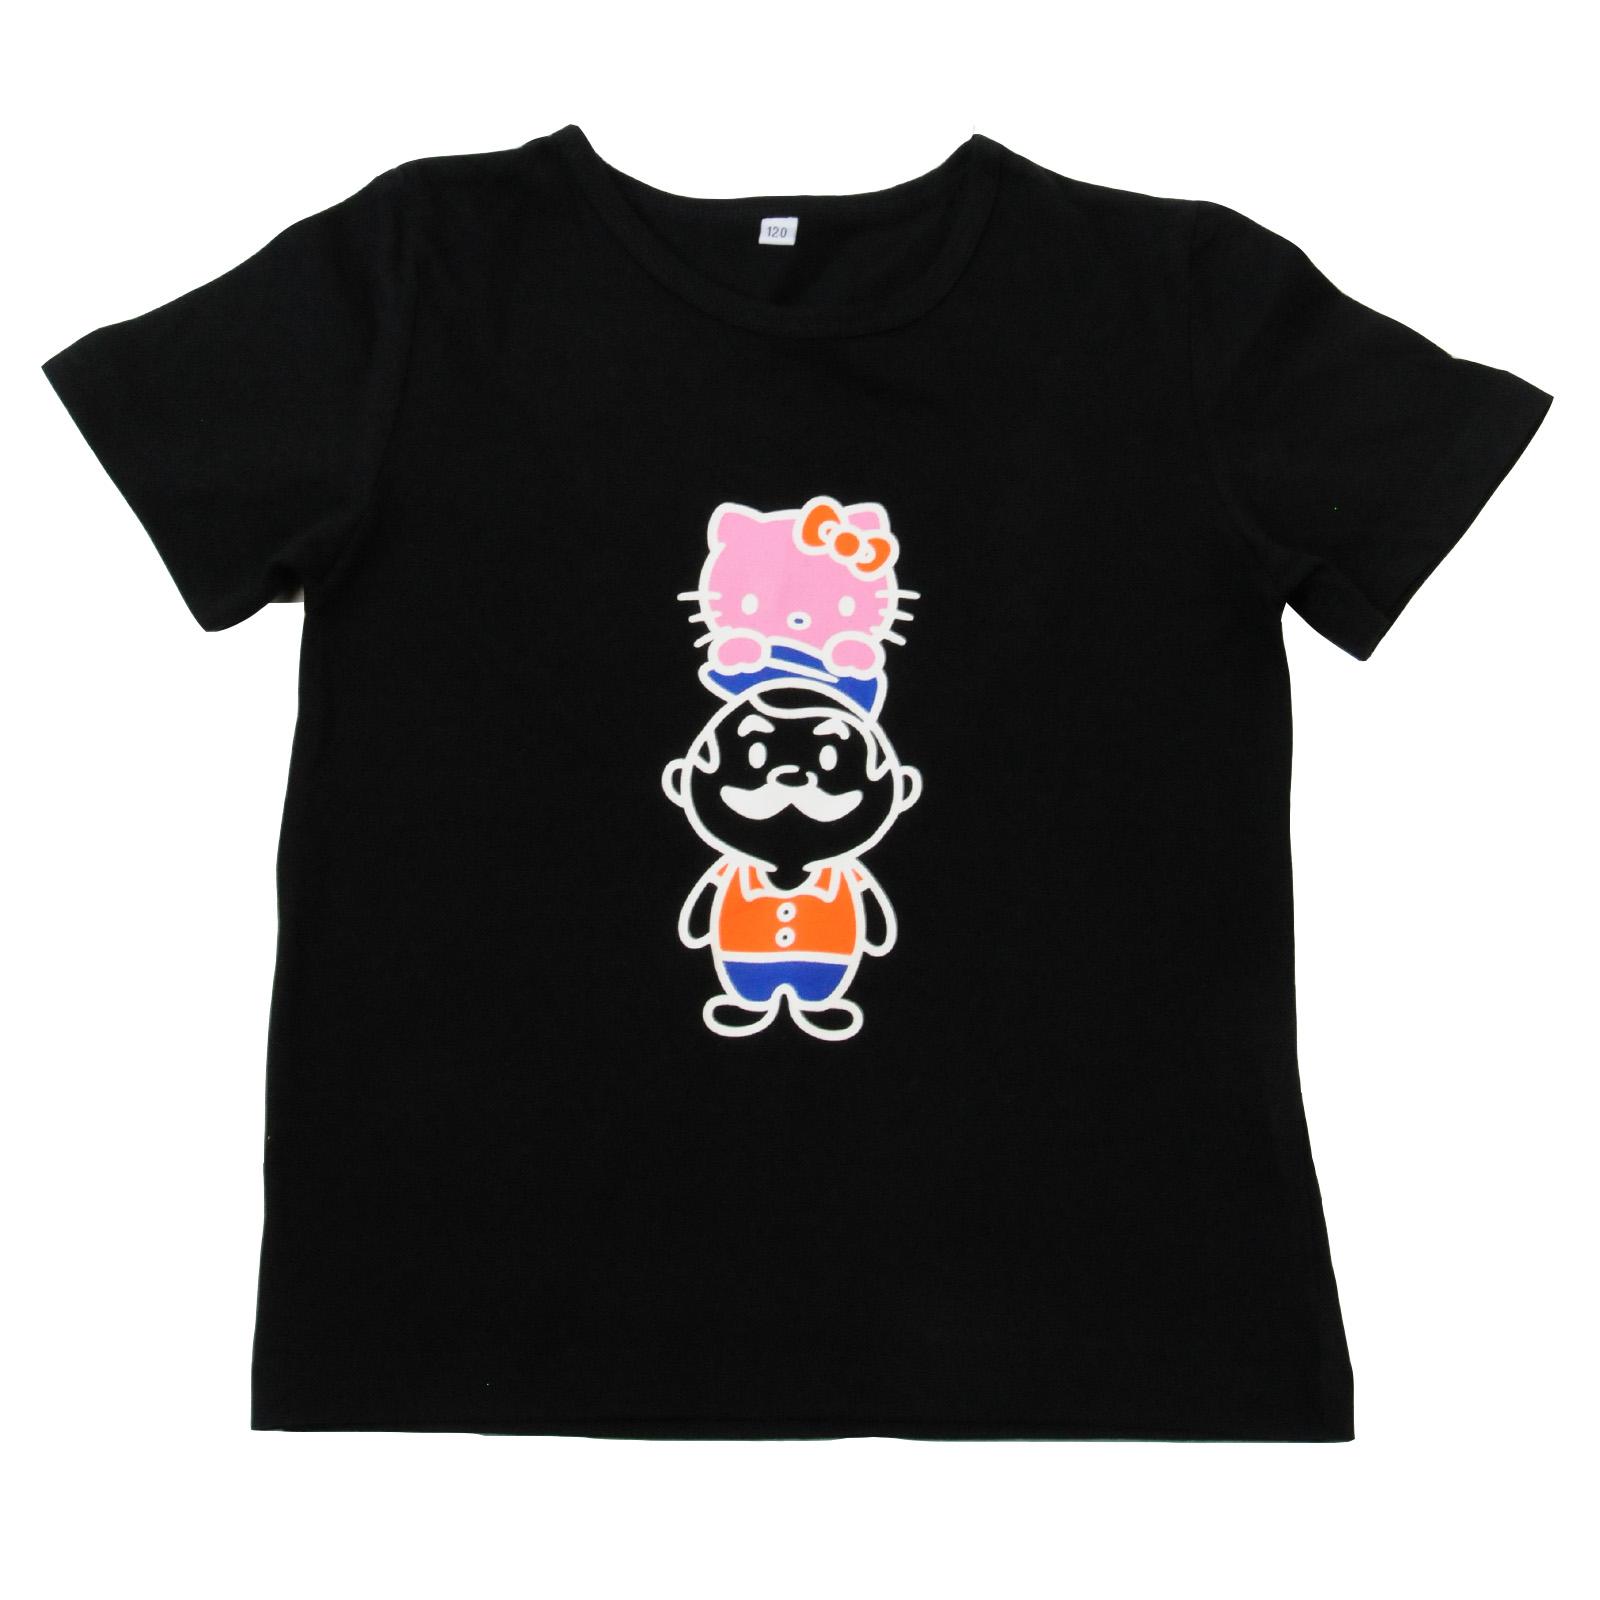 Оригинальная футболка для детей от бренда Kitty